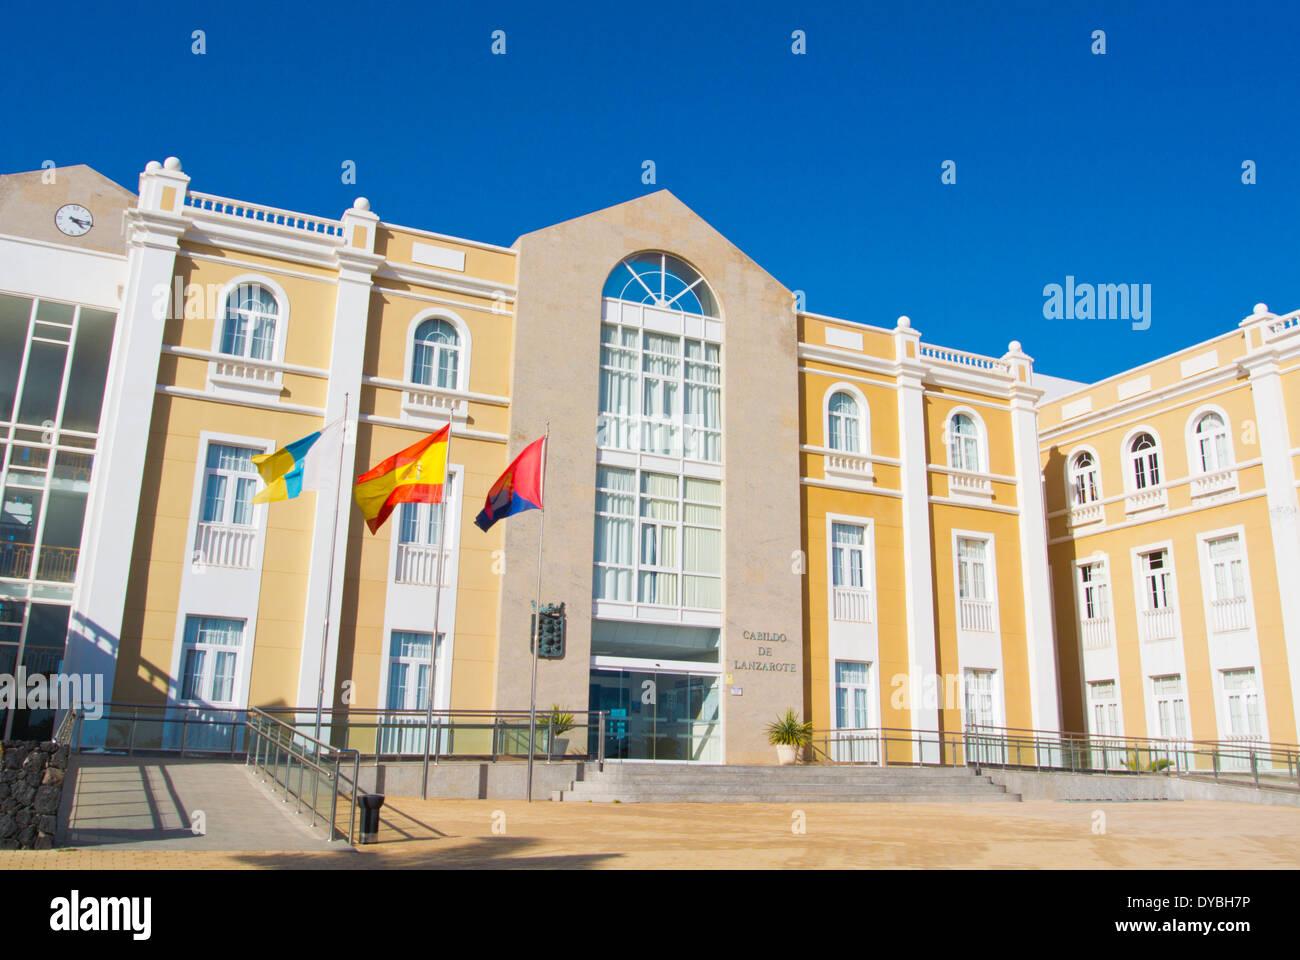 Cabildo de Lanzarote, Arrecife, Lanzarote, Canary Islands, Spain, Europe - Stock Image